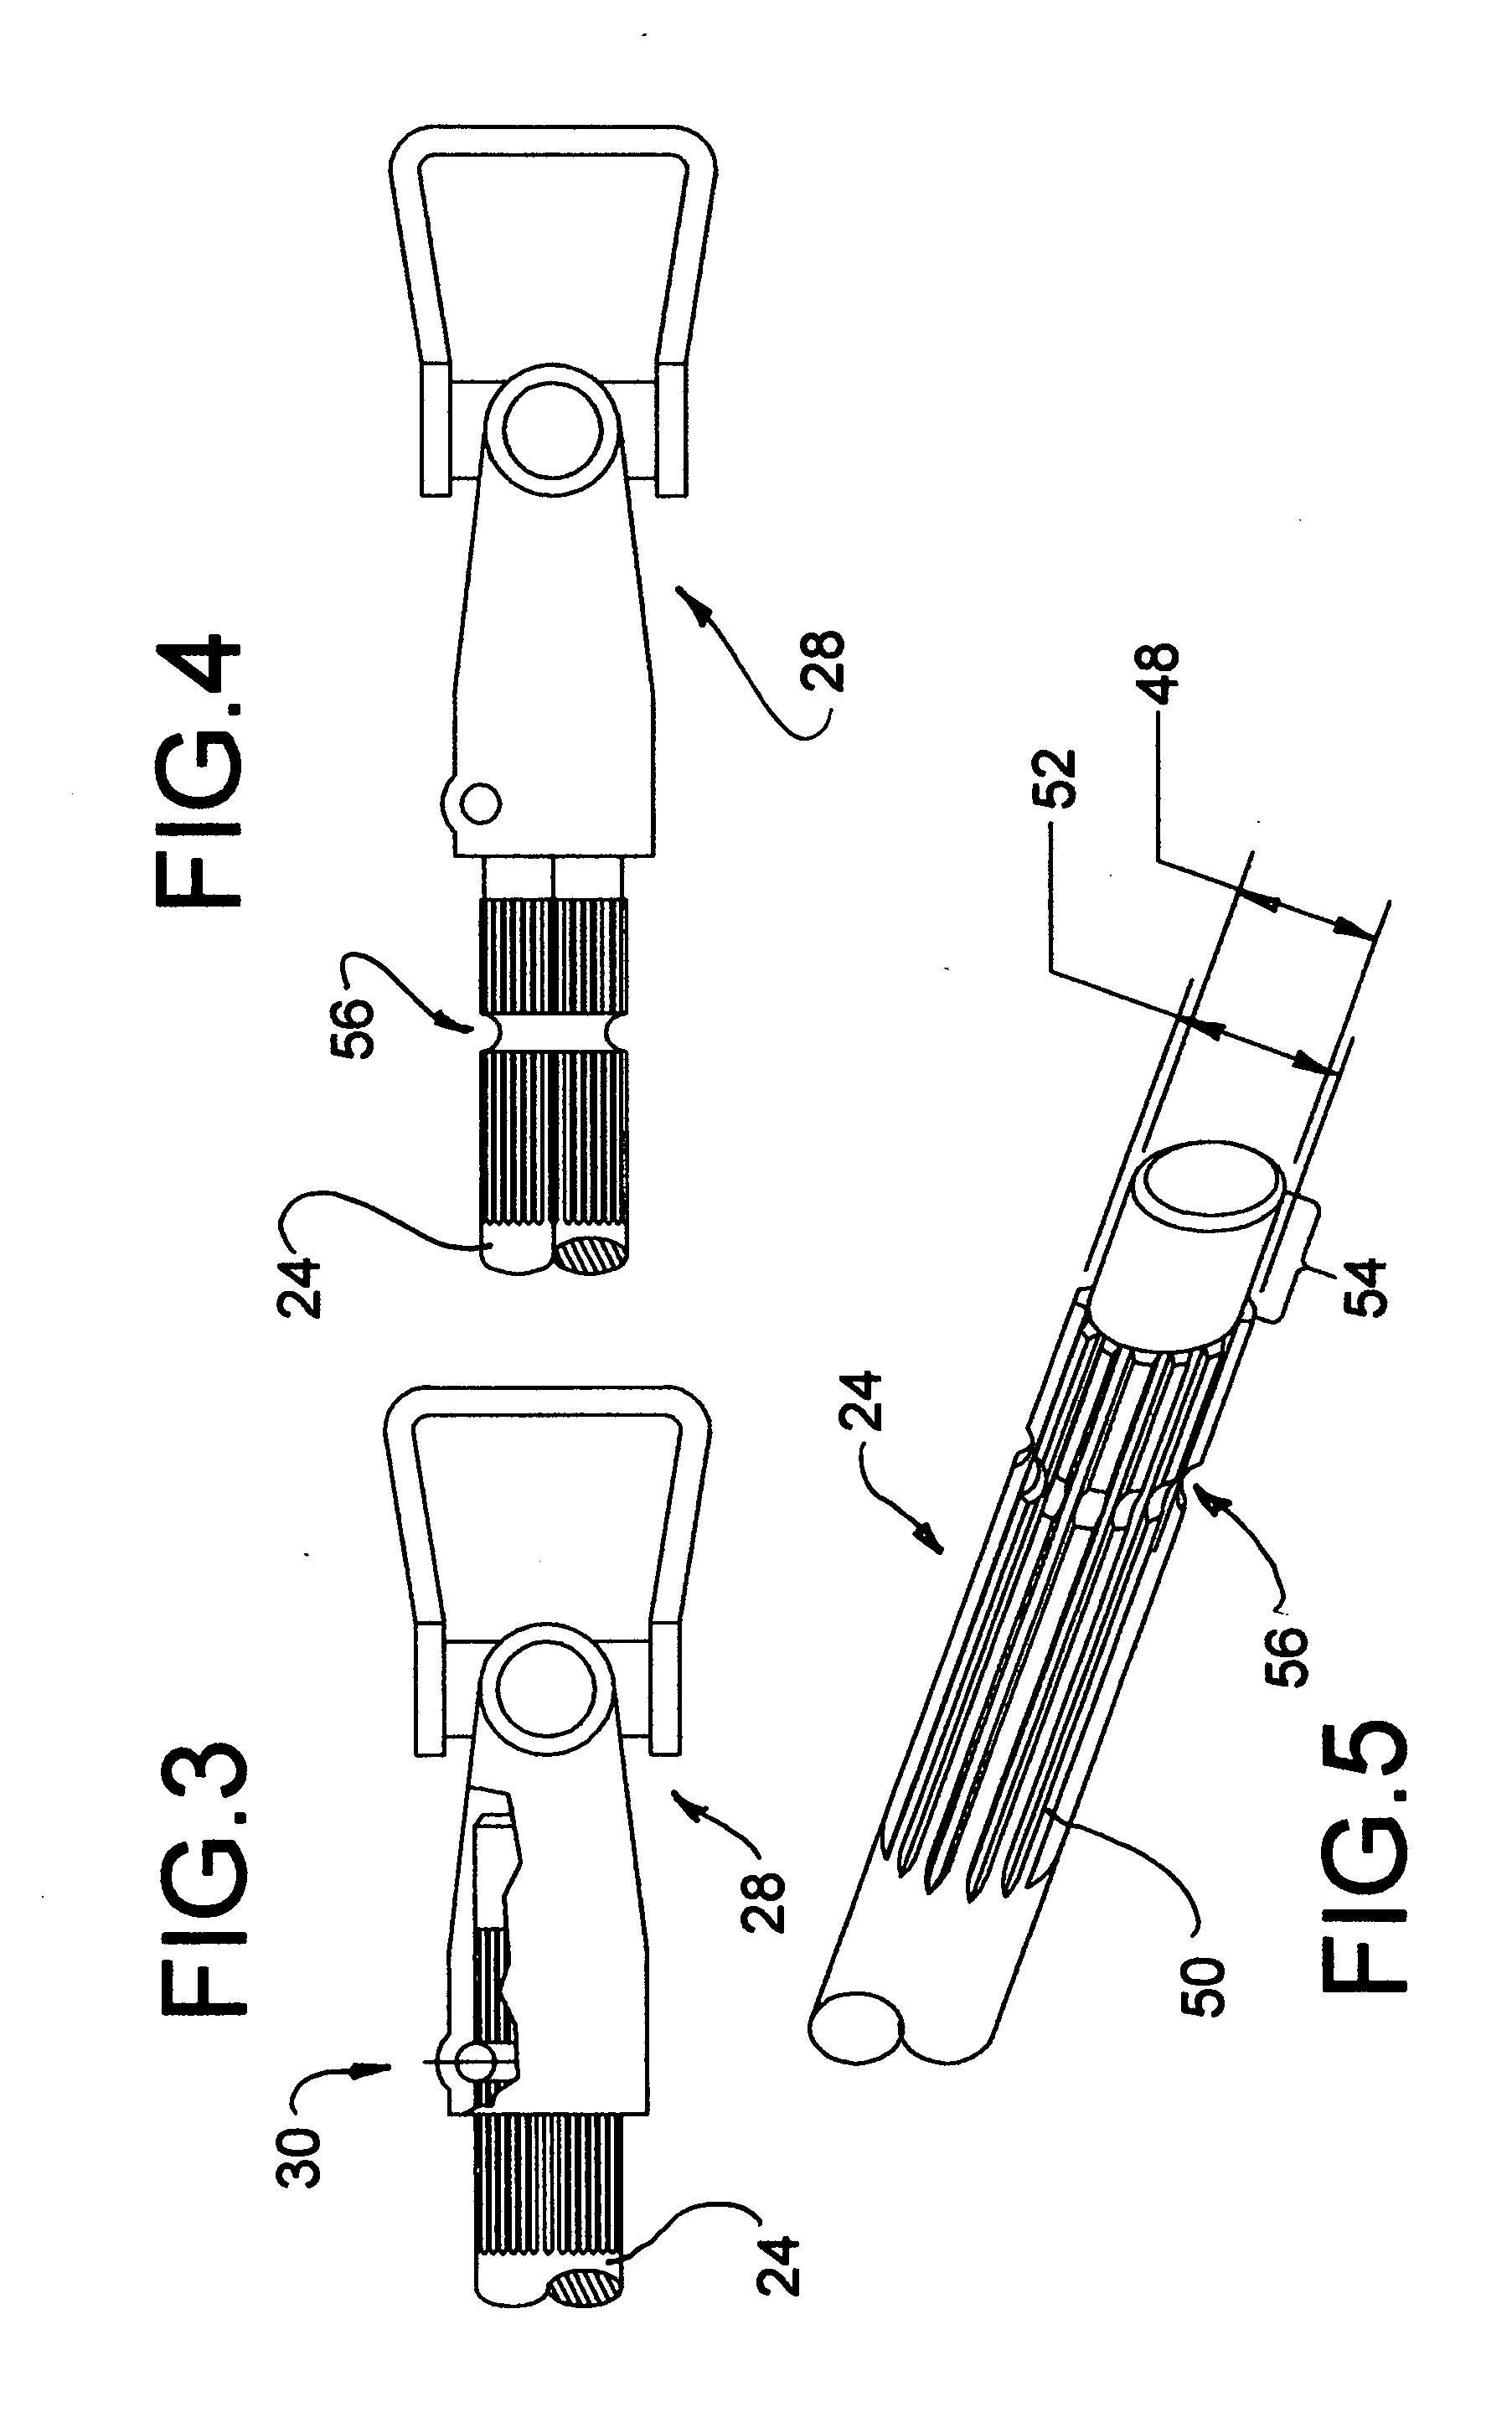 براءة الاختراع US20070246270 - Quick connect PTO shaft - براءات